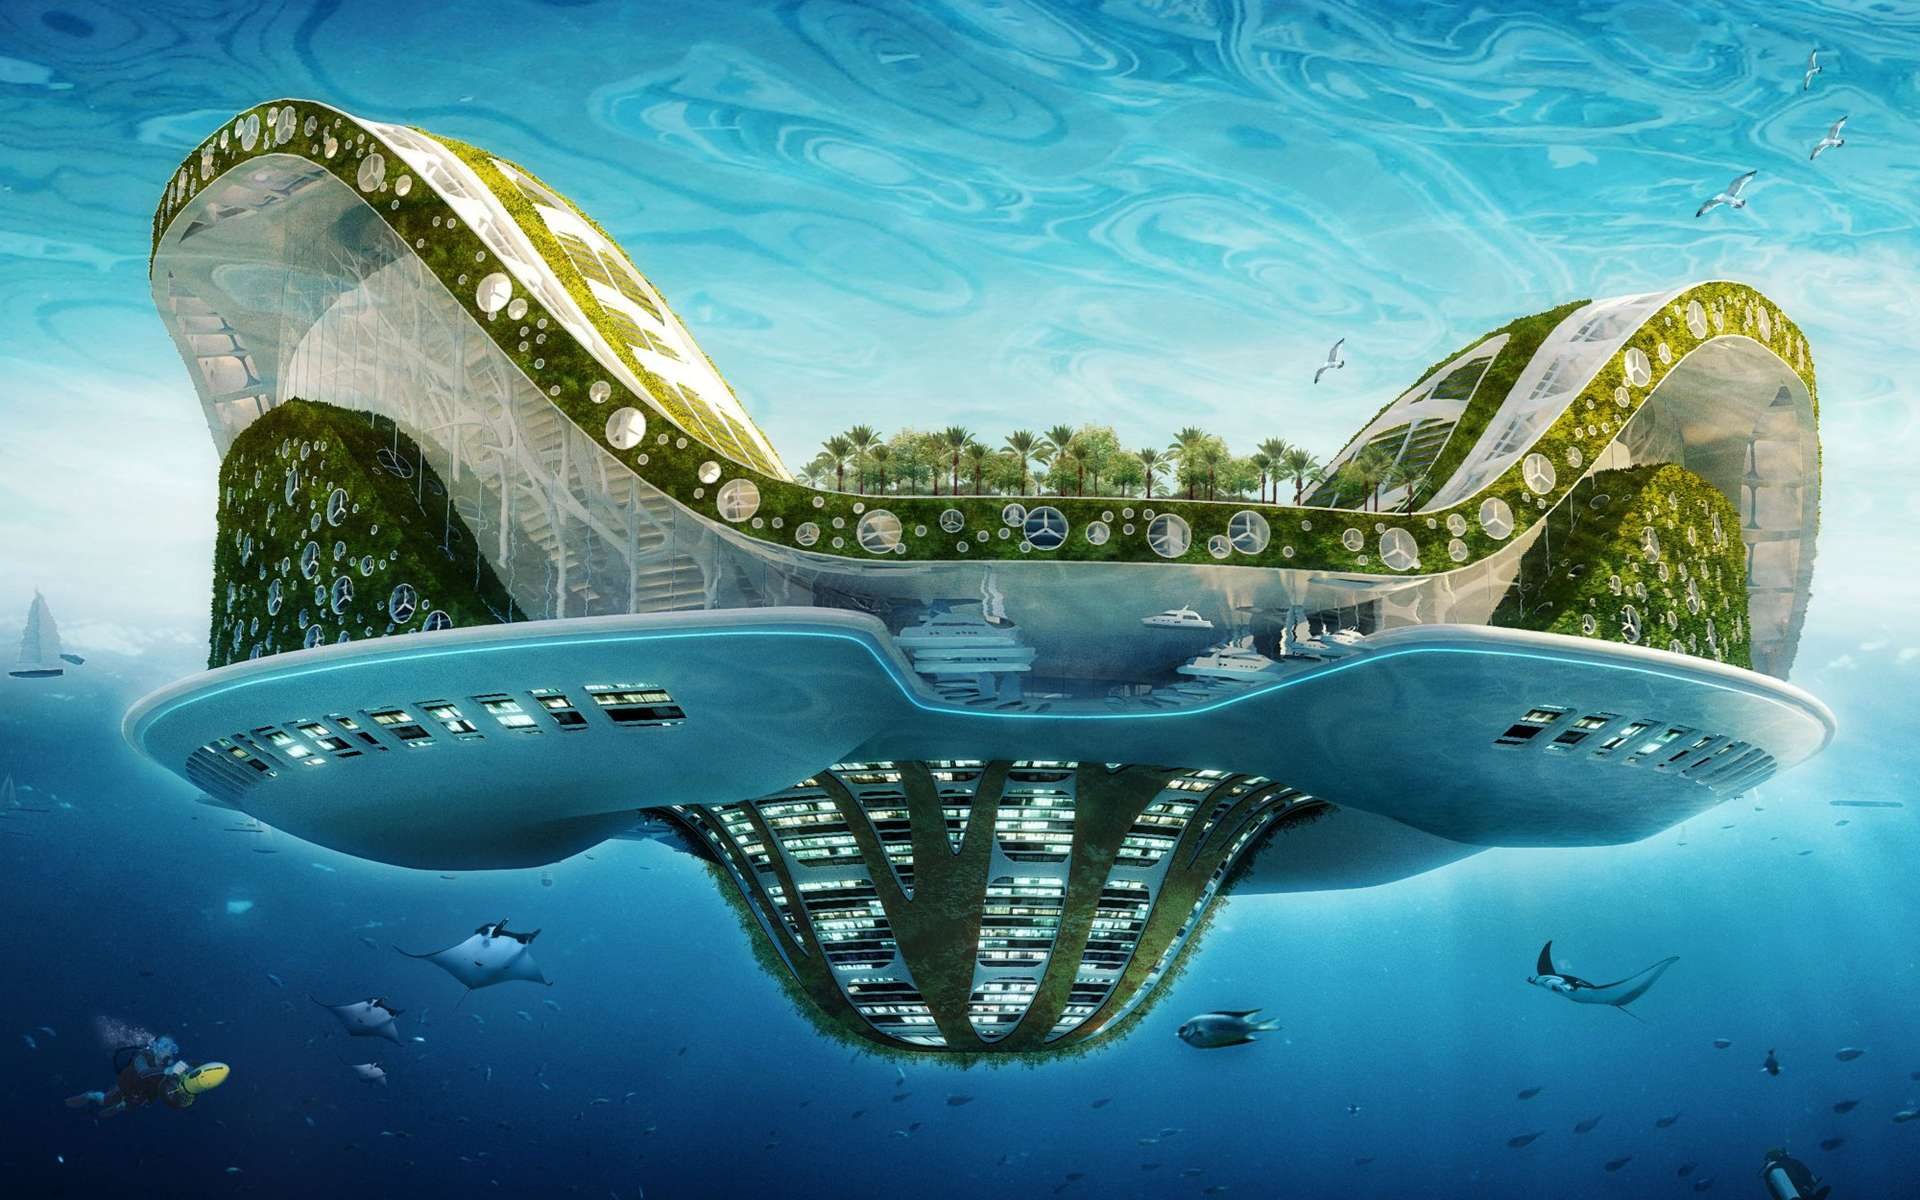 Lilypad, un projet pour accueillir les réfugiés climatiques. Cette ville flottante, autosuffisante, pourrait accueillir 50.000 personnes, produirait son oxygène et recyclerait ses déchets. © Vincent Callebaut Architectures, www.vincent.callebaut.org